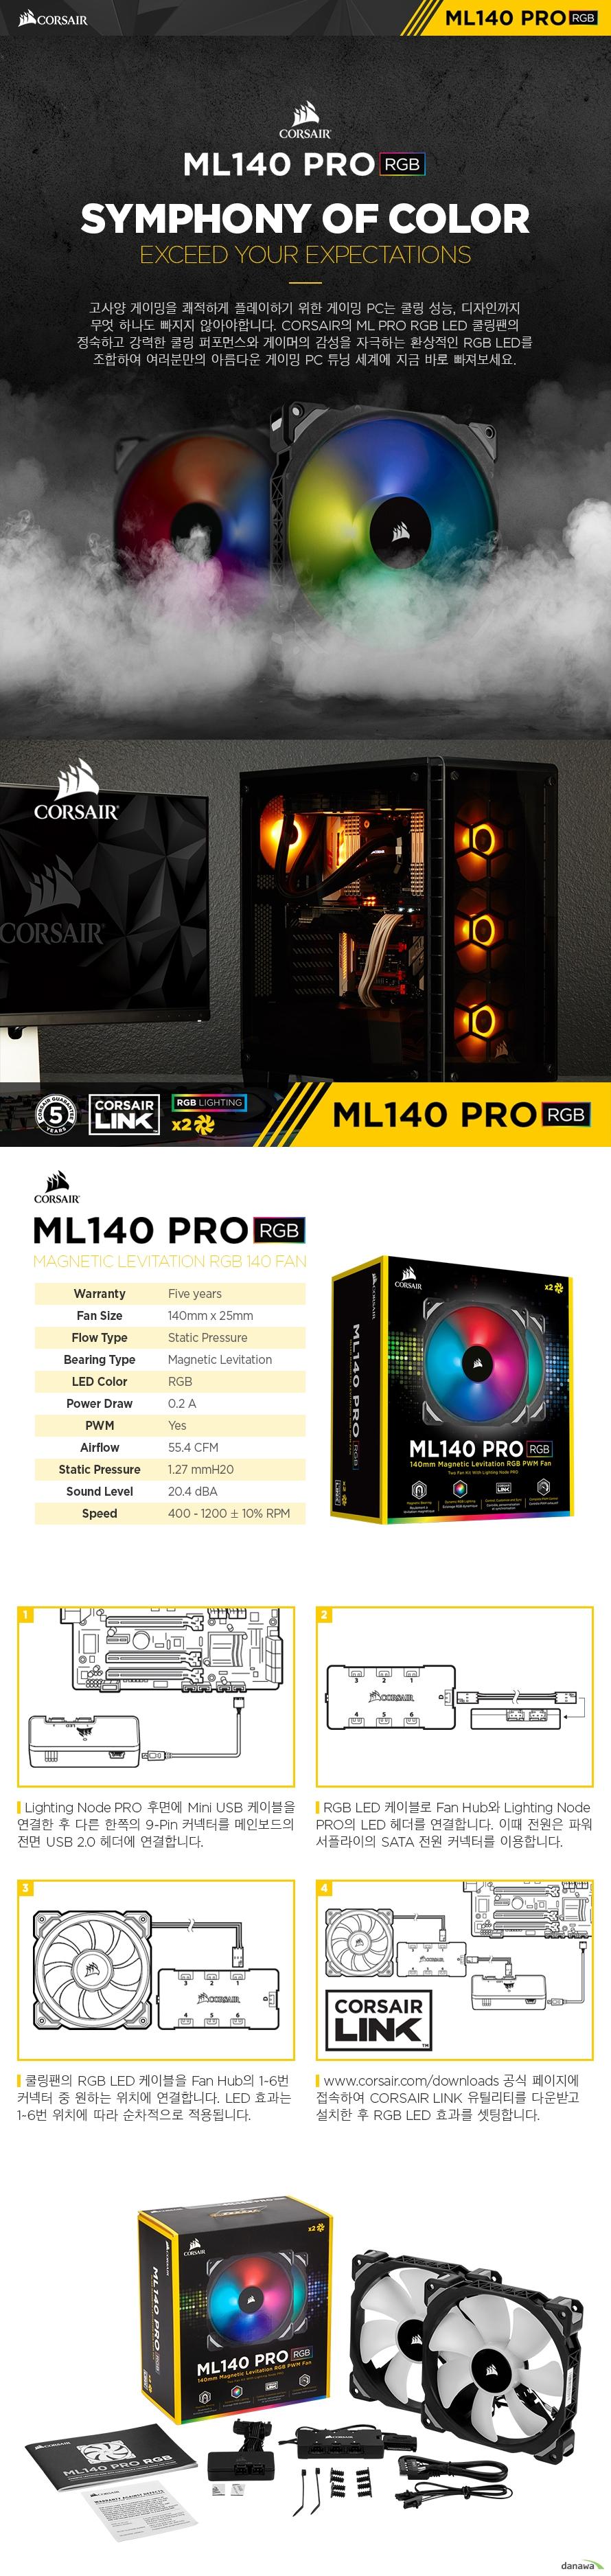 고사양 게이밍을 쾌적하게 플레이하기 위한 게이밍 PC는 쿨링 성능, 디자인까지 무엇 하나도 빠지지 않아야합니다. CORSAIR의 ML PRO RGB LED 쿨링팬의 정숙하고 강력한 쿨링 퍼포먼스와 게이머의 감성을 자극하는 환상적인 RGB LED를 조합하여 여러분만의 아름다운 게이밍 PC 튜닝 세계에 지금 바로 빠져보세요.